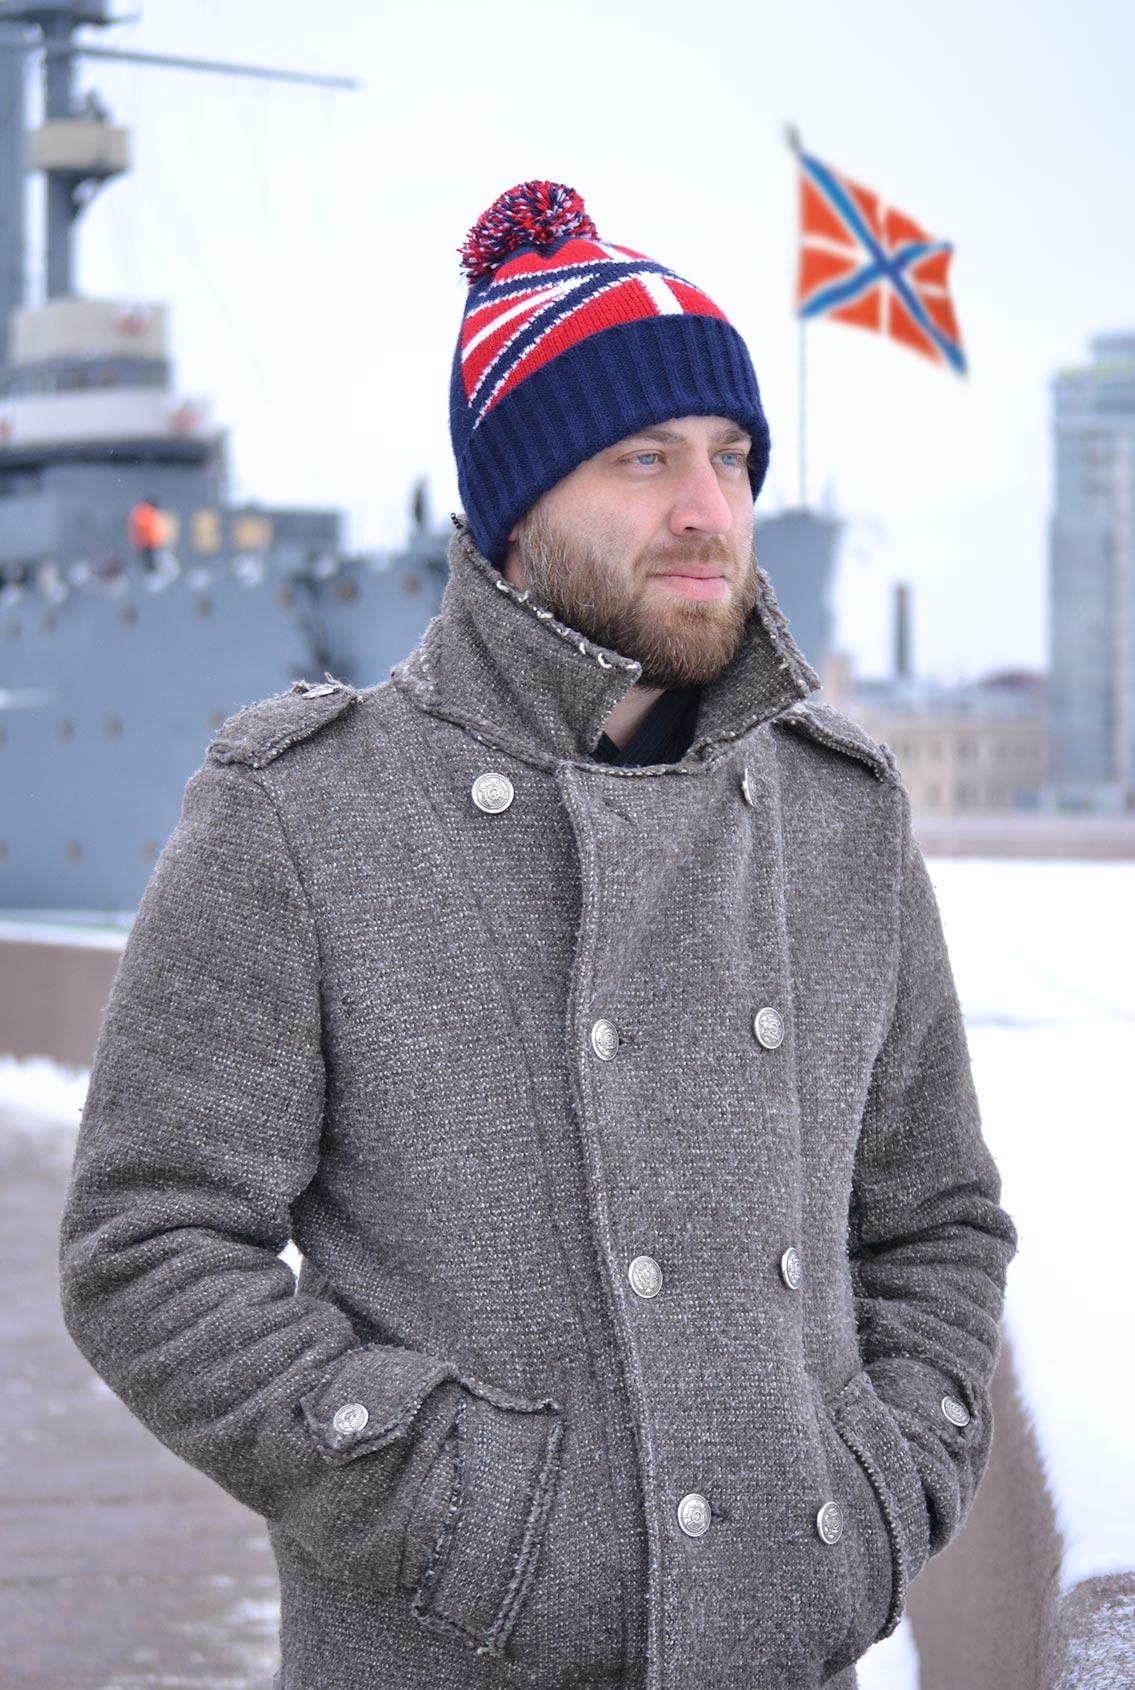 Шапка с символом ВМФ, Cap with the Navy symbol